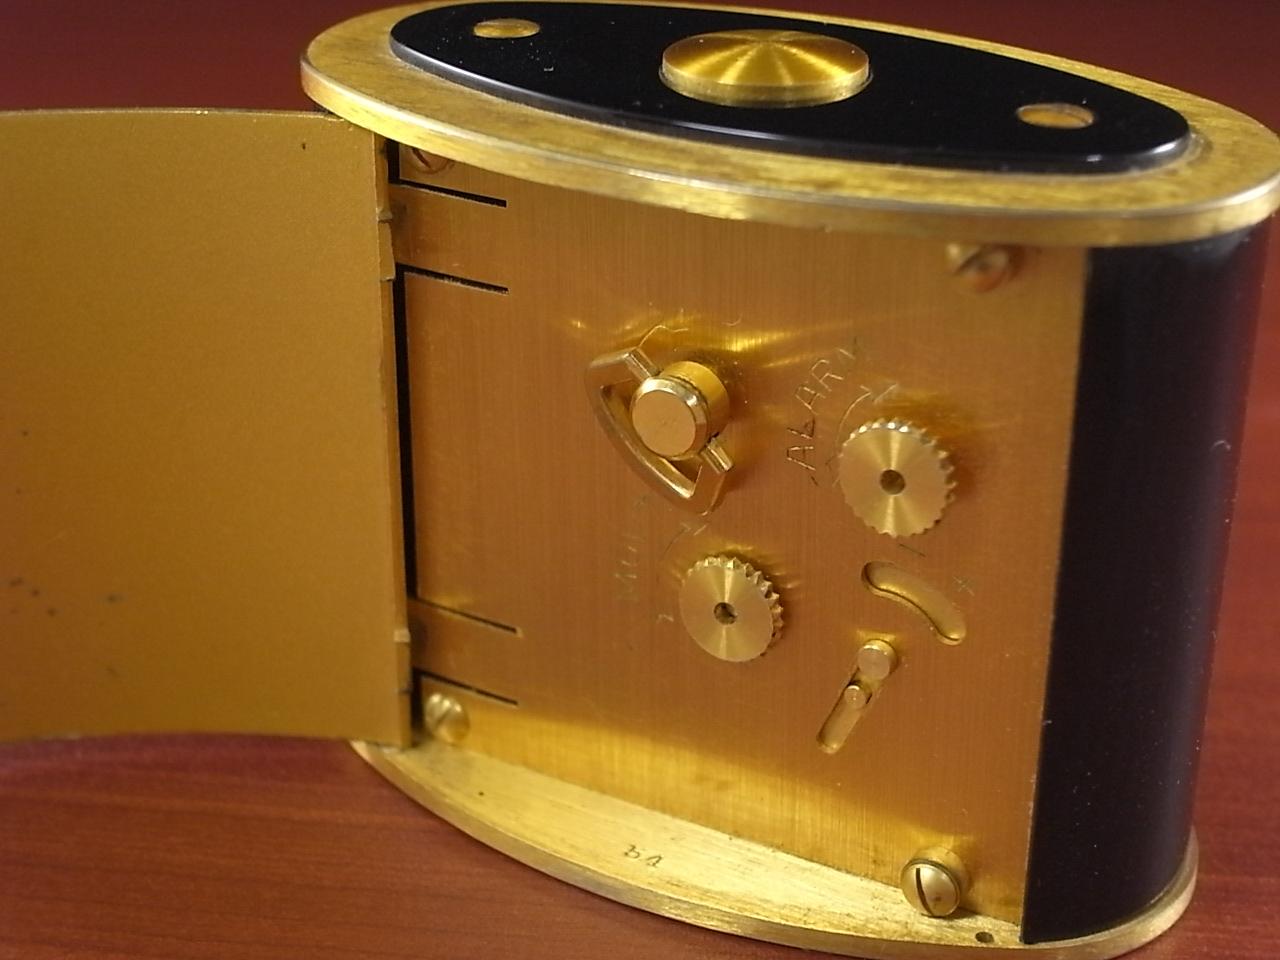 ジャガー アラームクロック 8DAYS 箱付 1960年代の写真5枚目